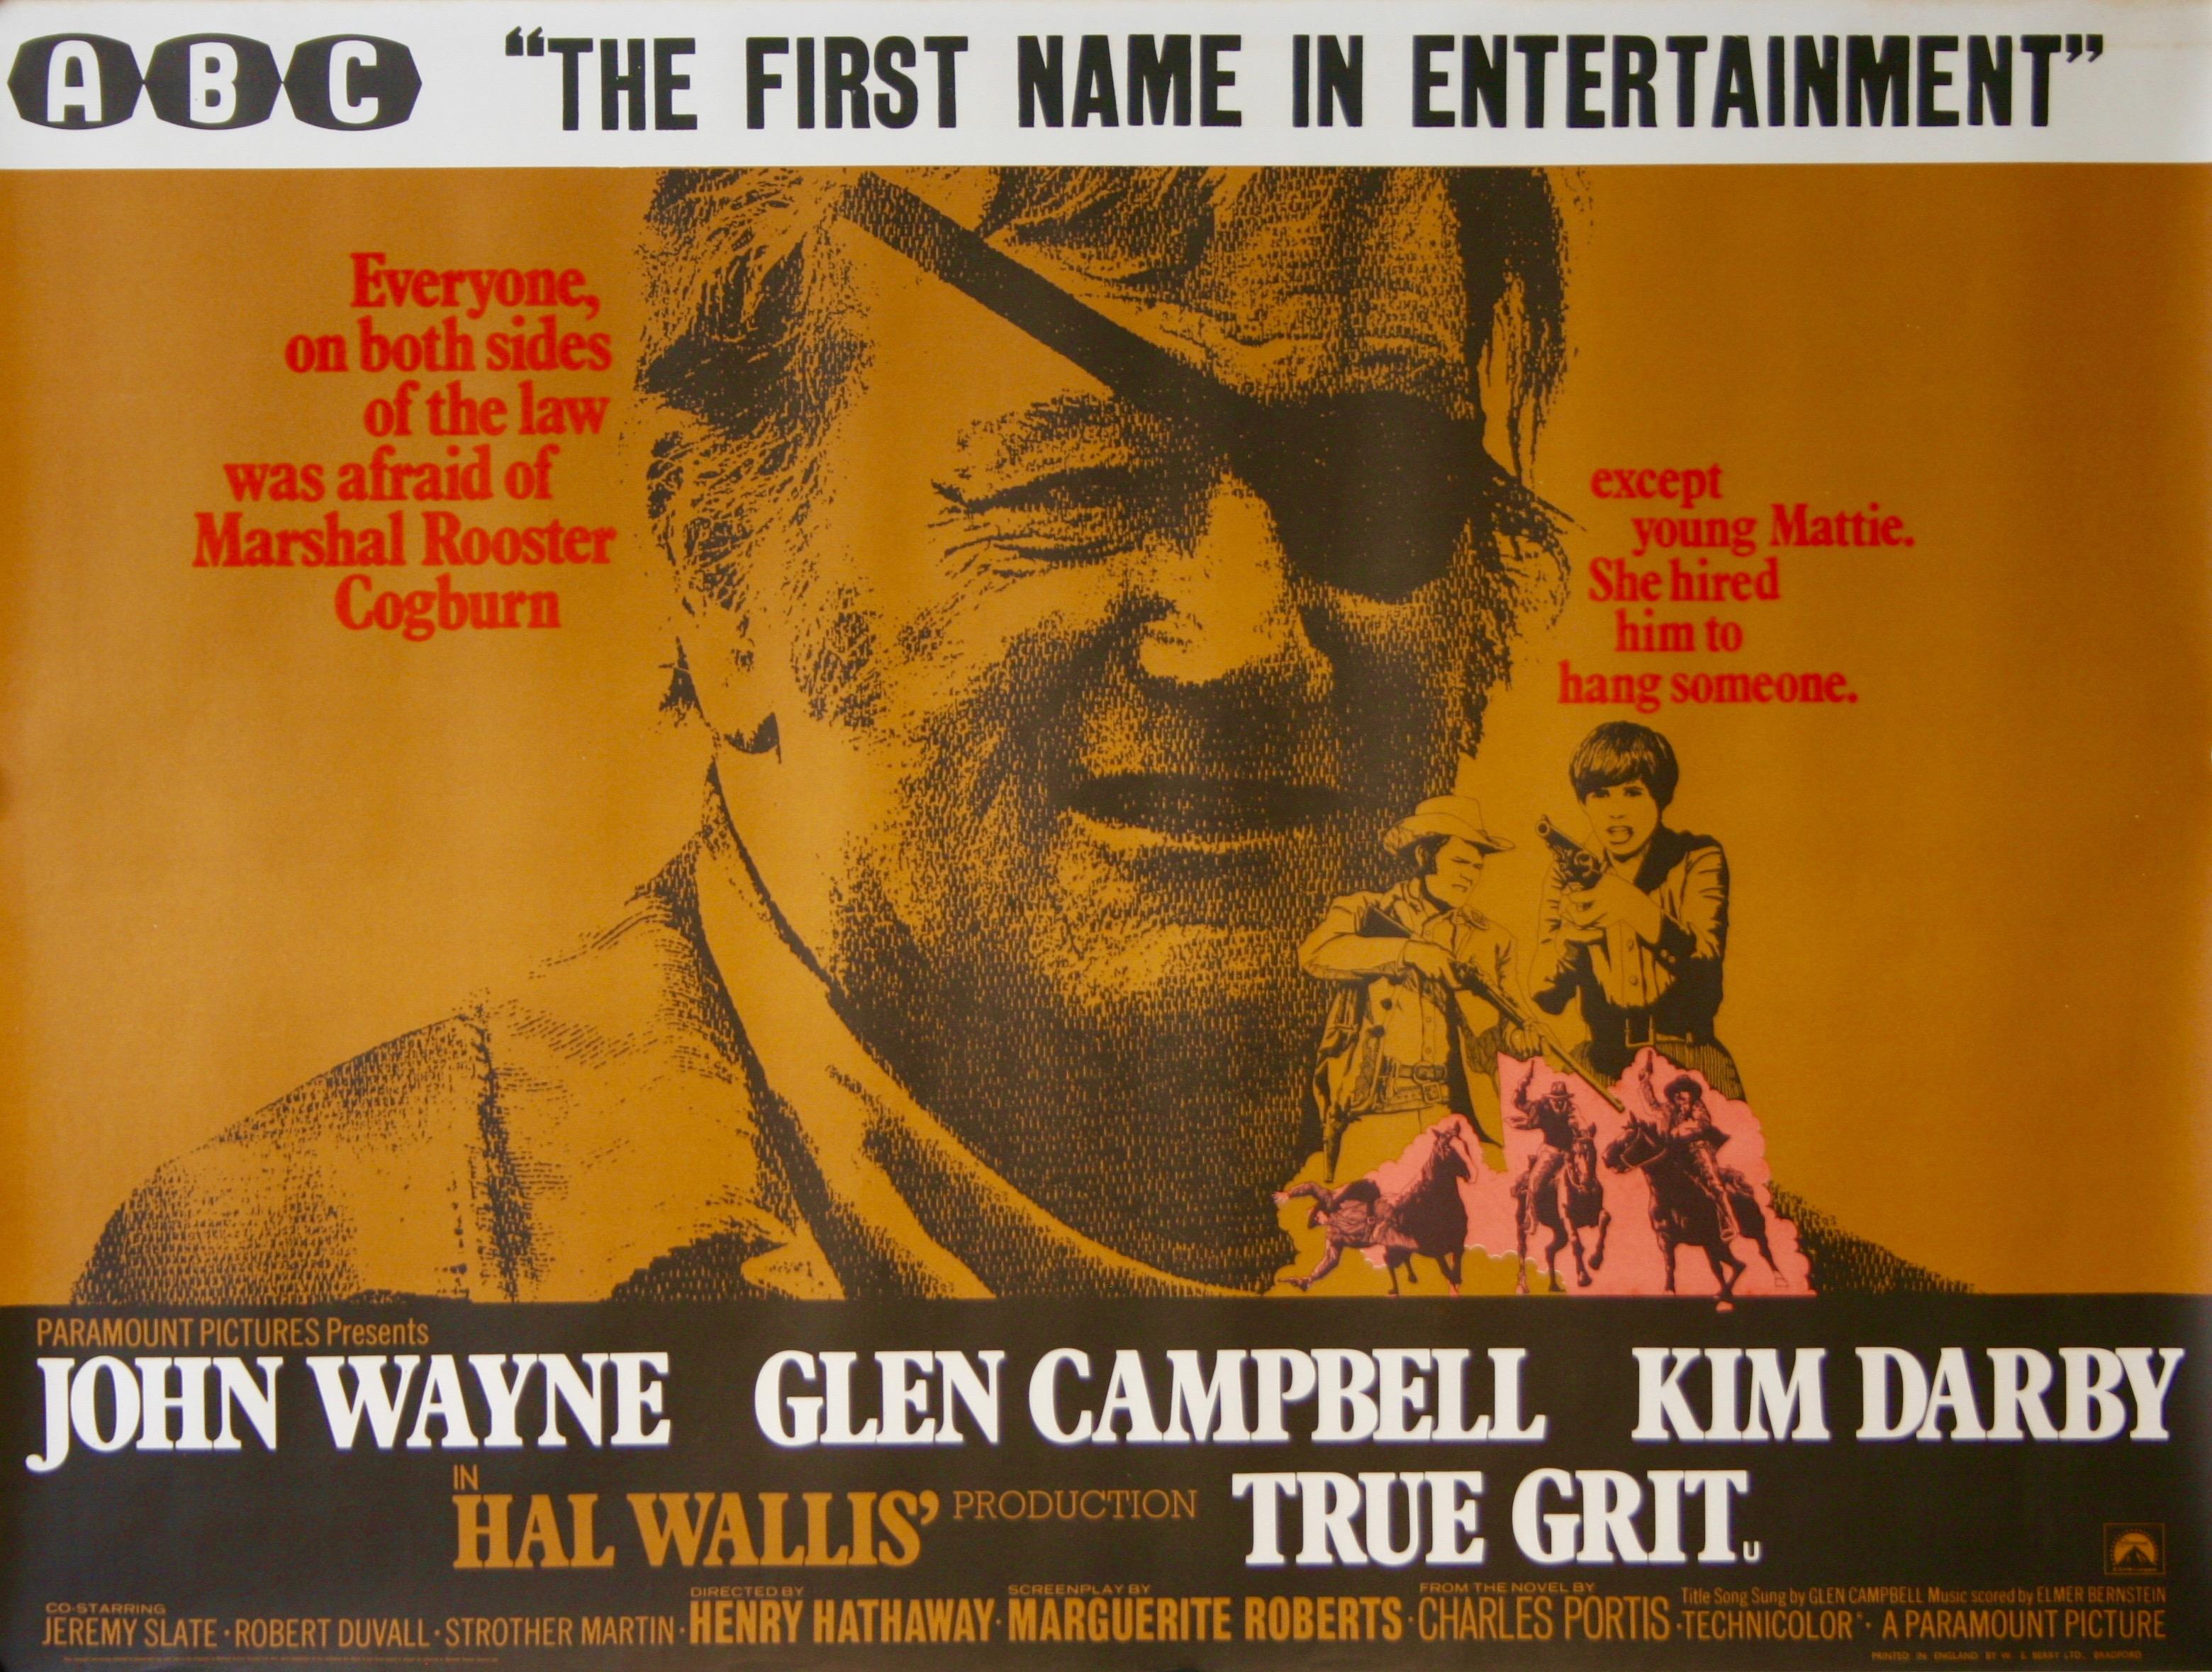 True Grit Movie Poster - Vintage Movie Posters